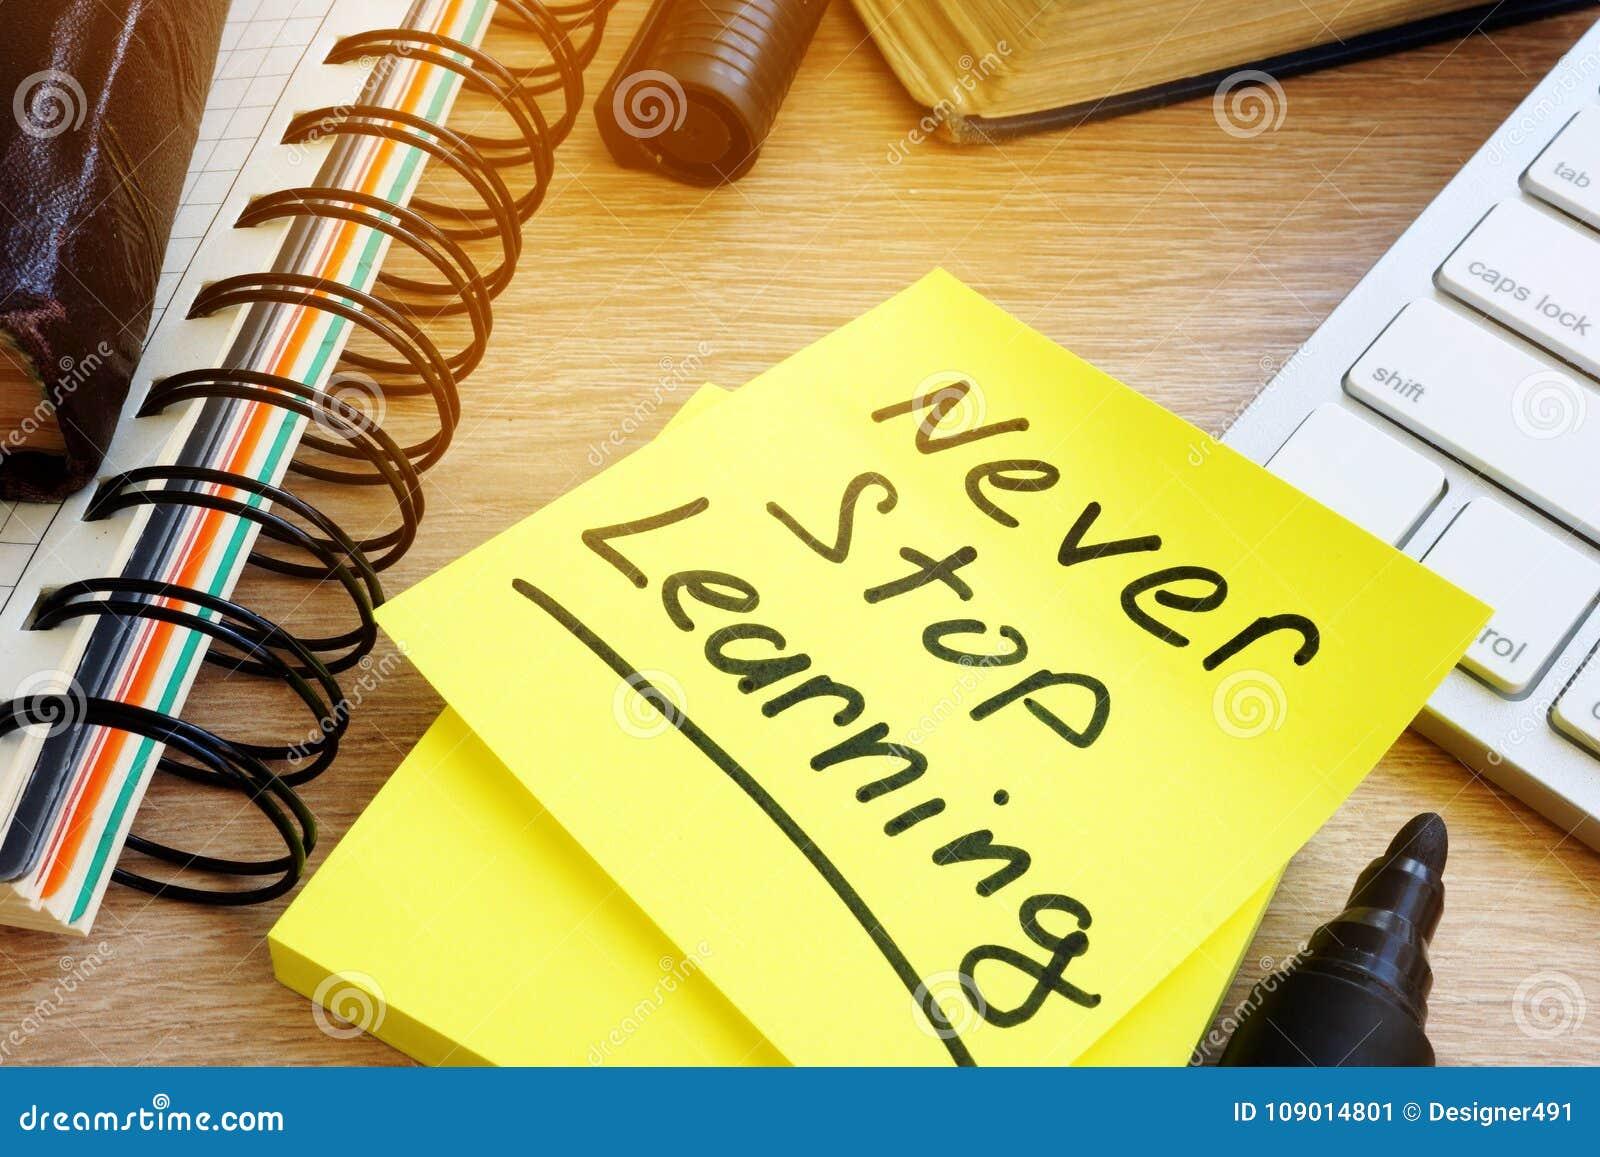 Nunca pare el aprendizaje escrito en un palillo Concepto de la formación continua